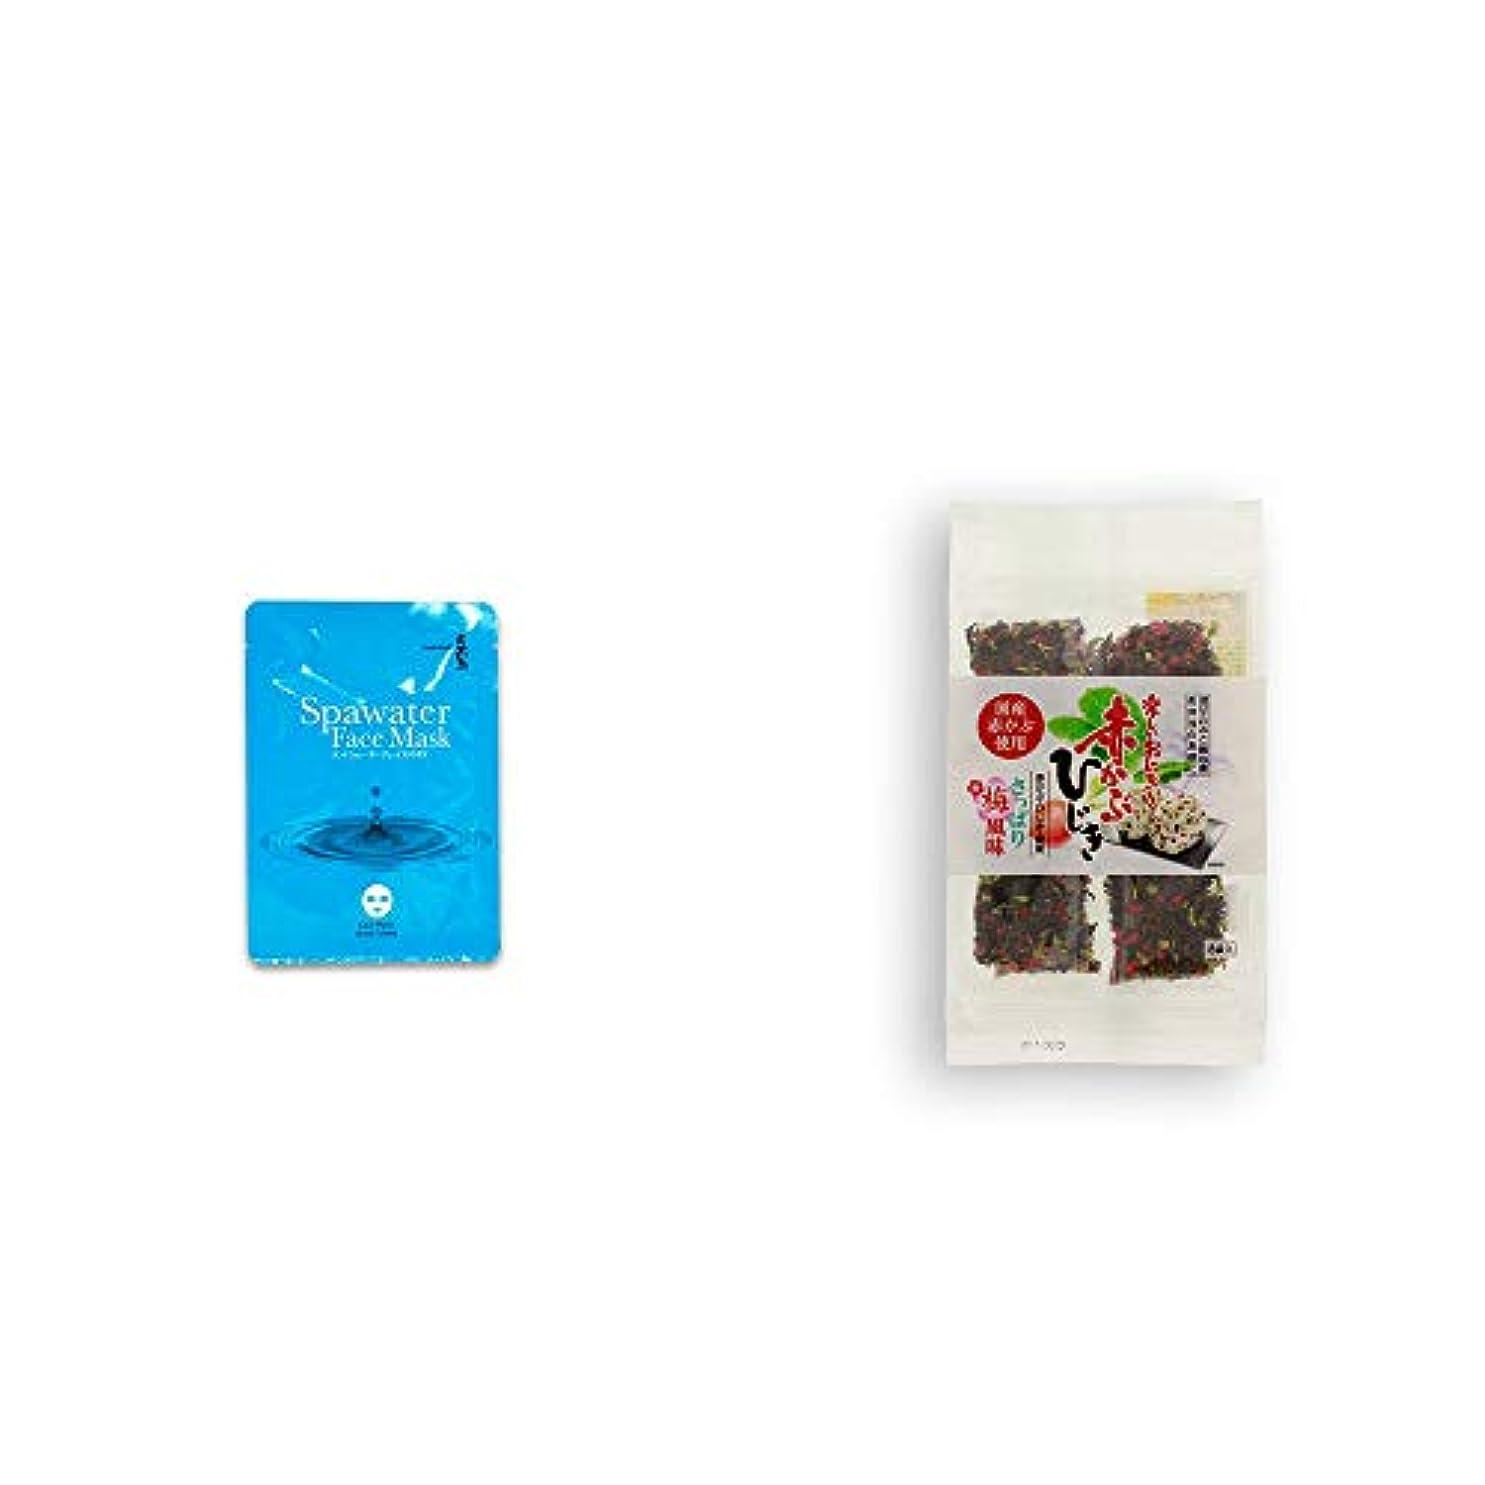 スキニー恩赦行動[2点セット] ひのき炭黒泉 スパウォーターフェイスマスク(18ml×3枚入)・楽しいおにぎり 赤かぶひじき(8g×8袋)